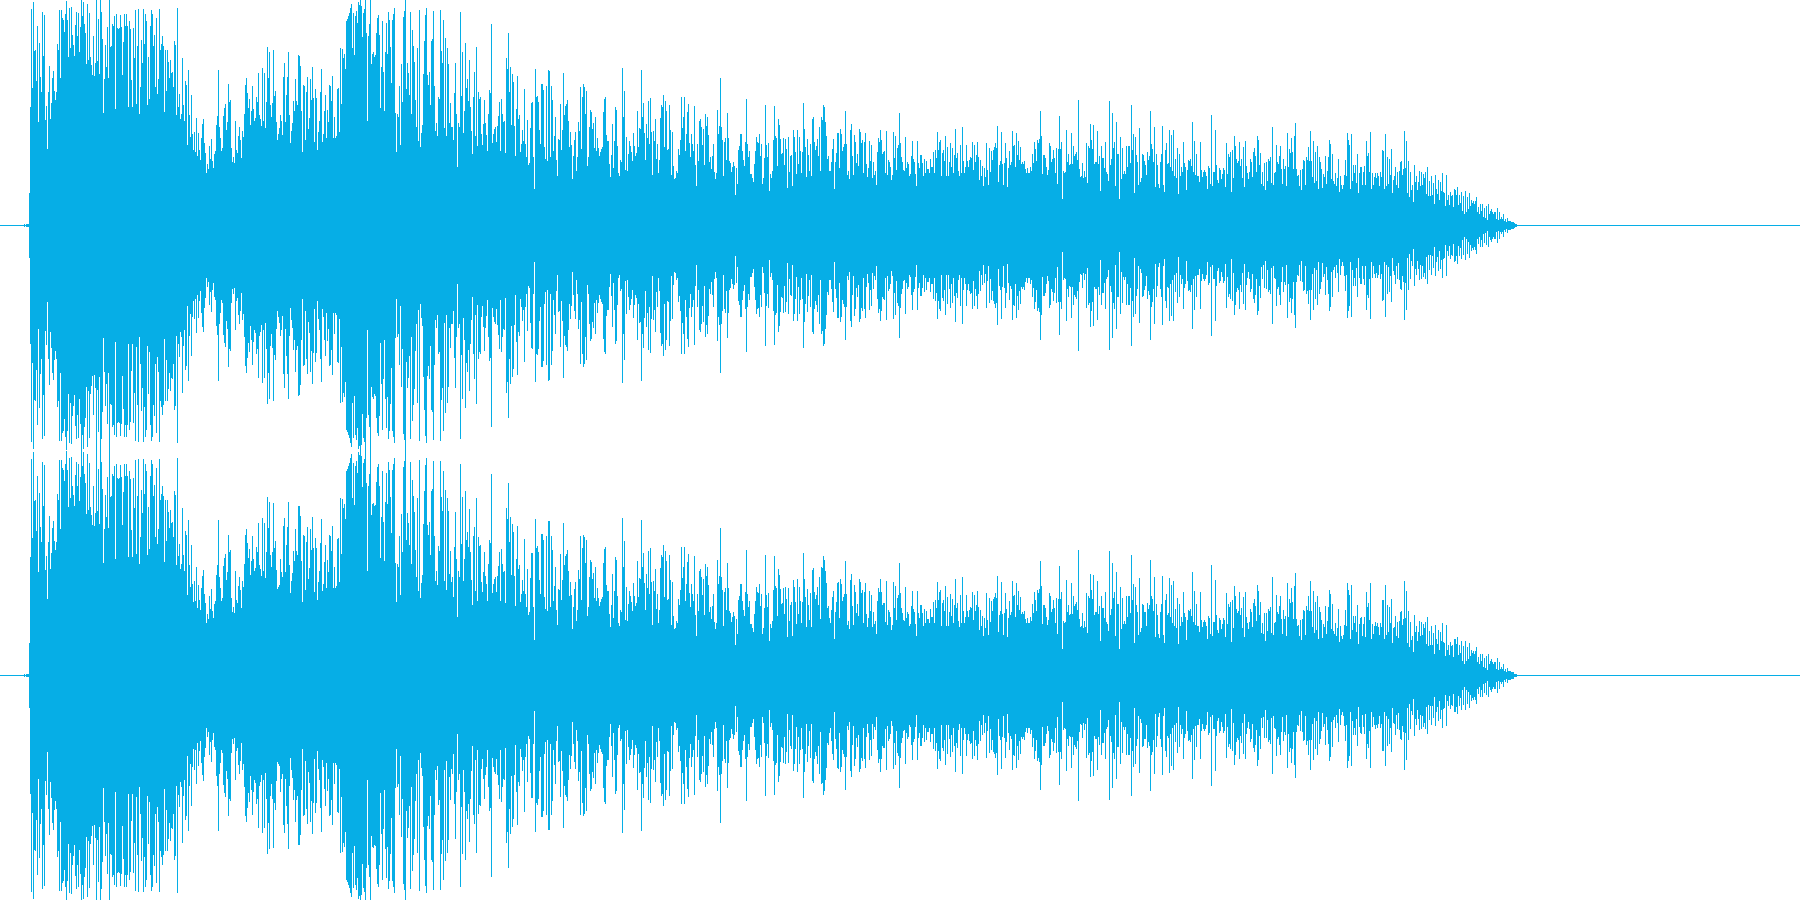 ゲーム、クイズ(不正解)_004の再生済みの波形